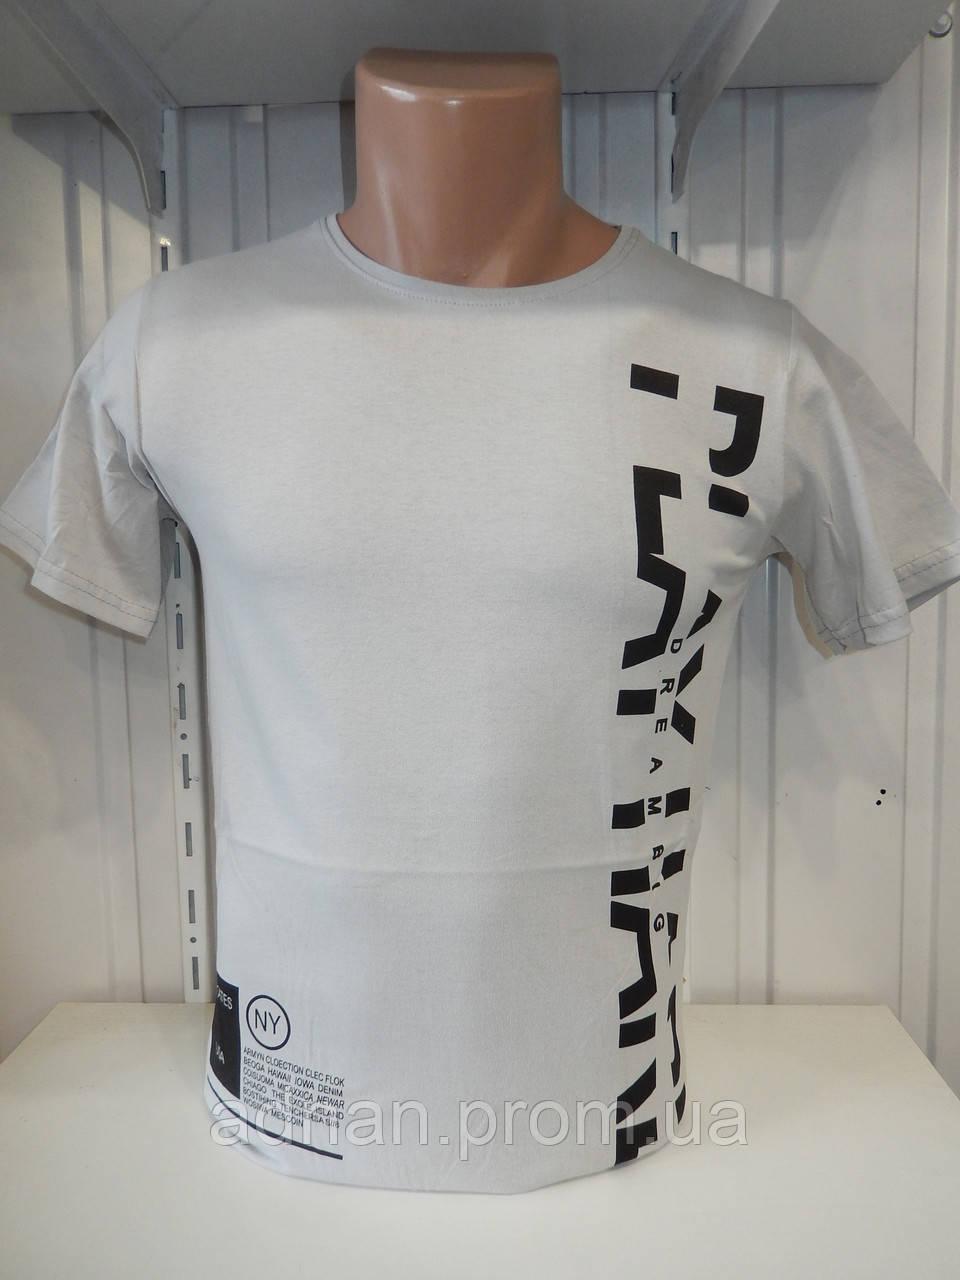 Футболка мужская ENISTE PLAY, стрейч 007 \ купить футболку мужскую оптом